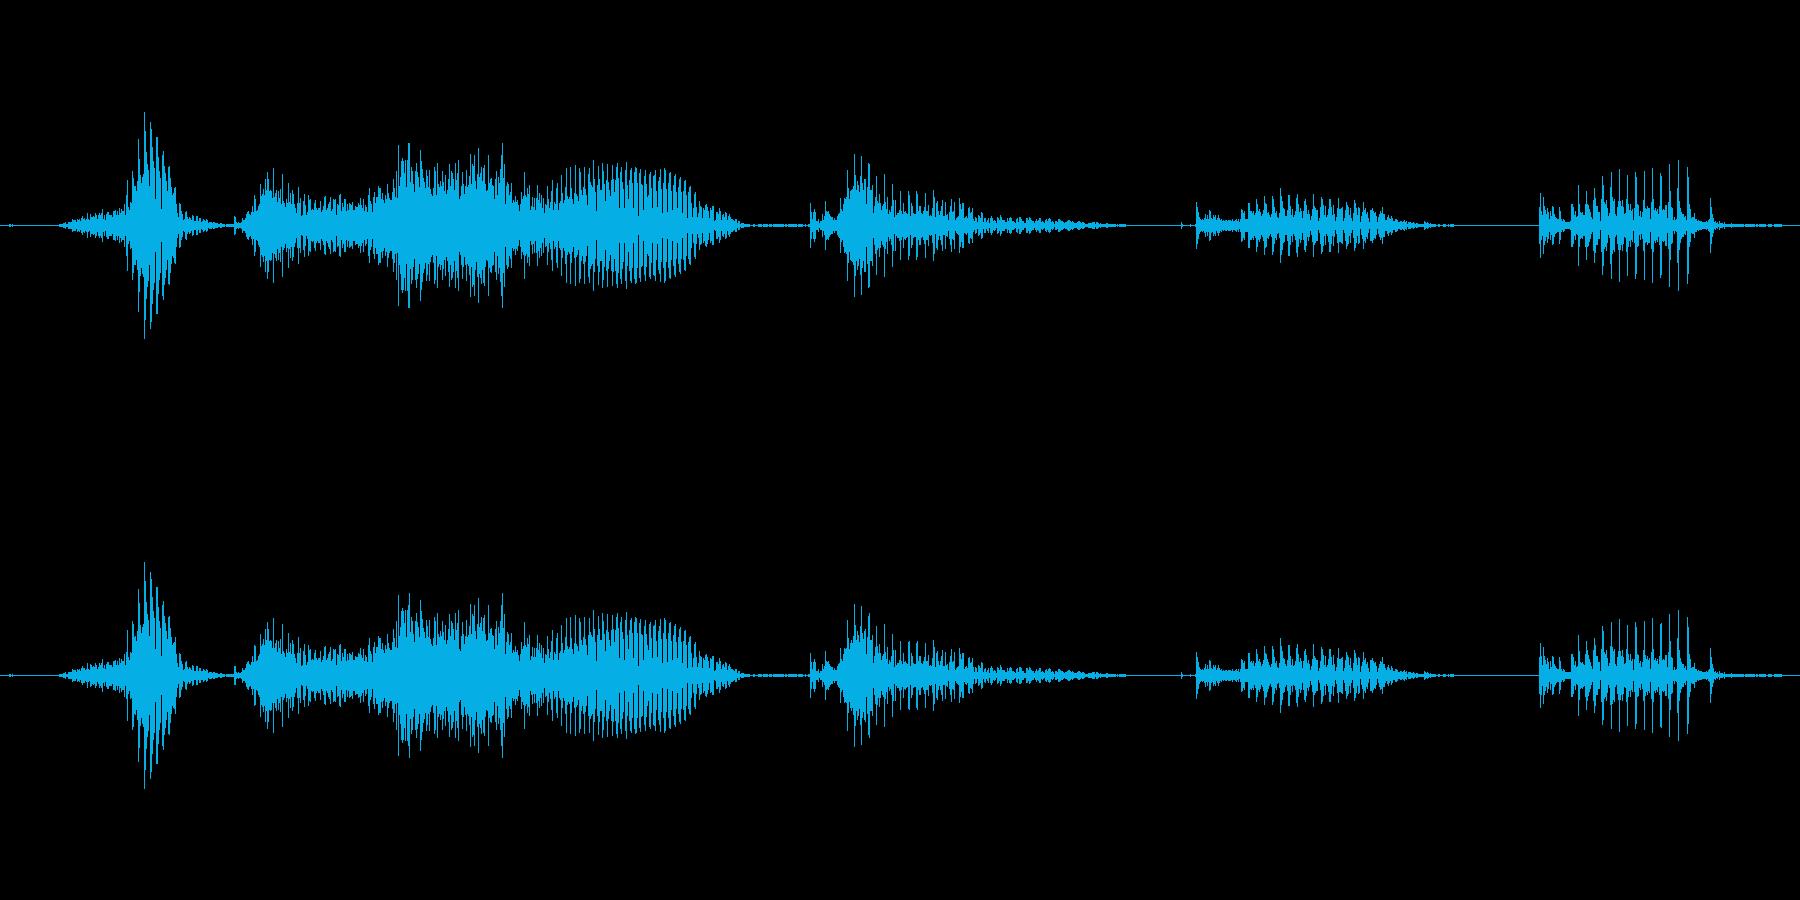 【日数・経過】8週間経過の再生済みの波形